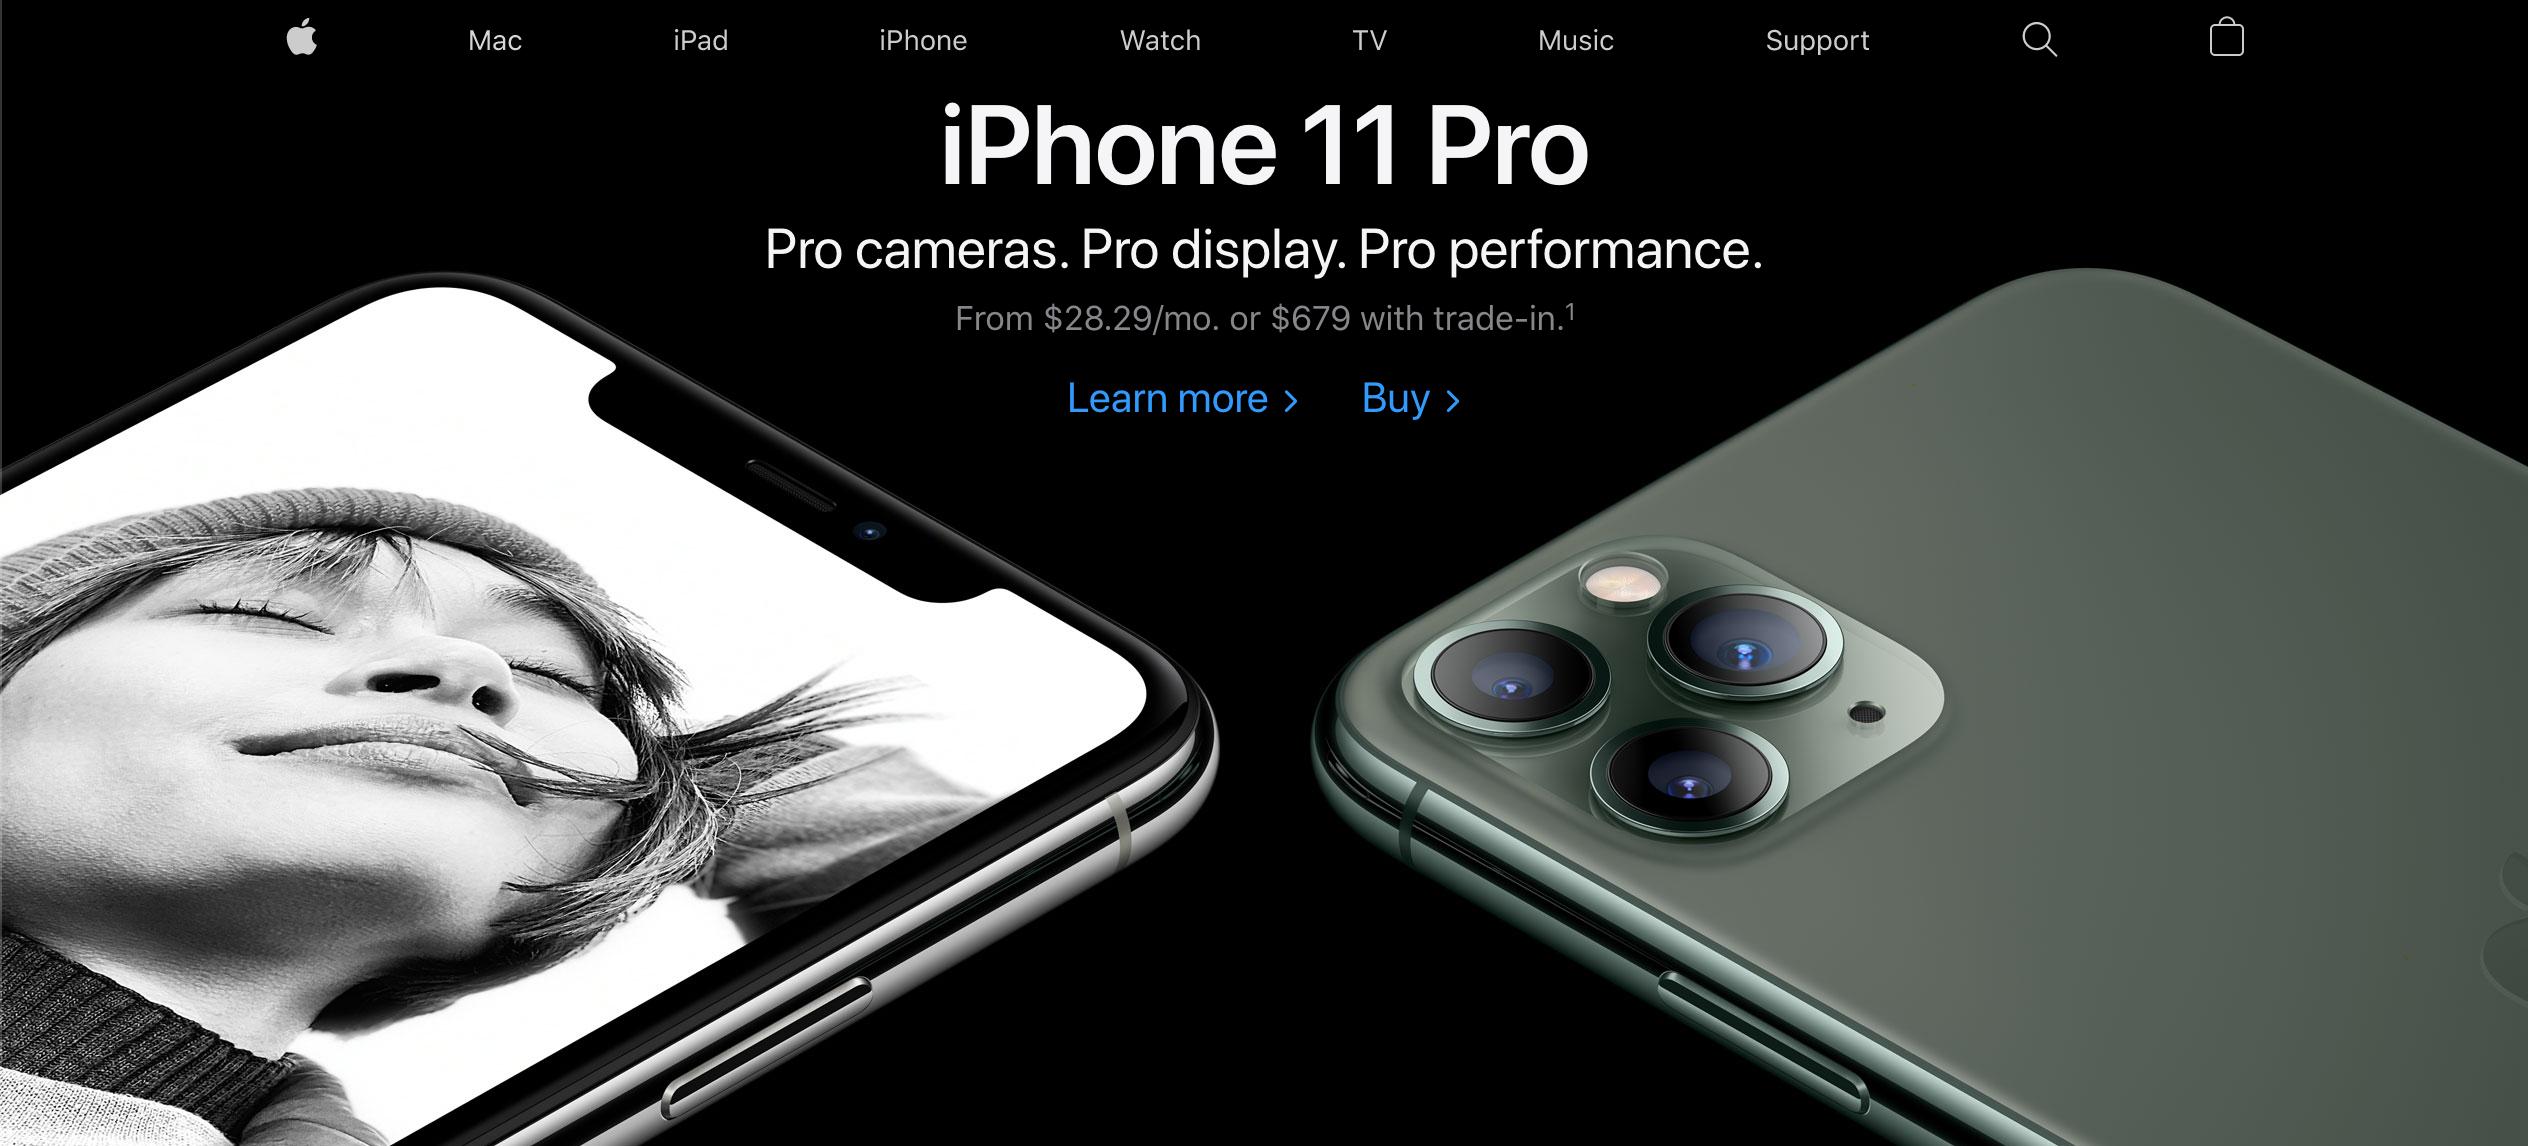 Apple's website looks today